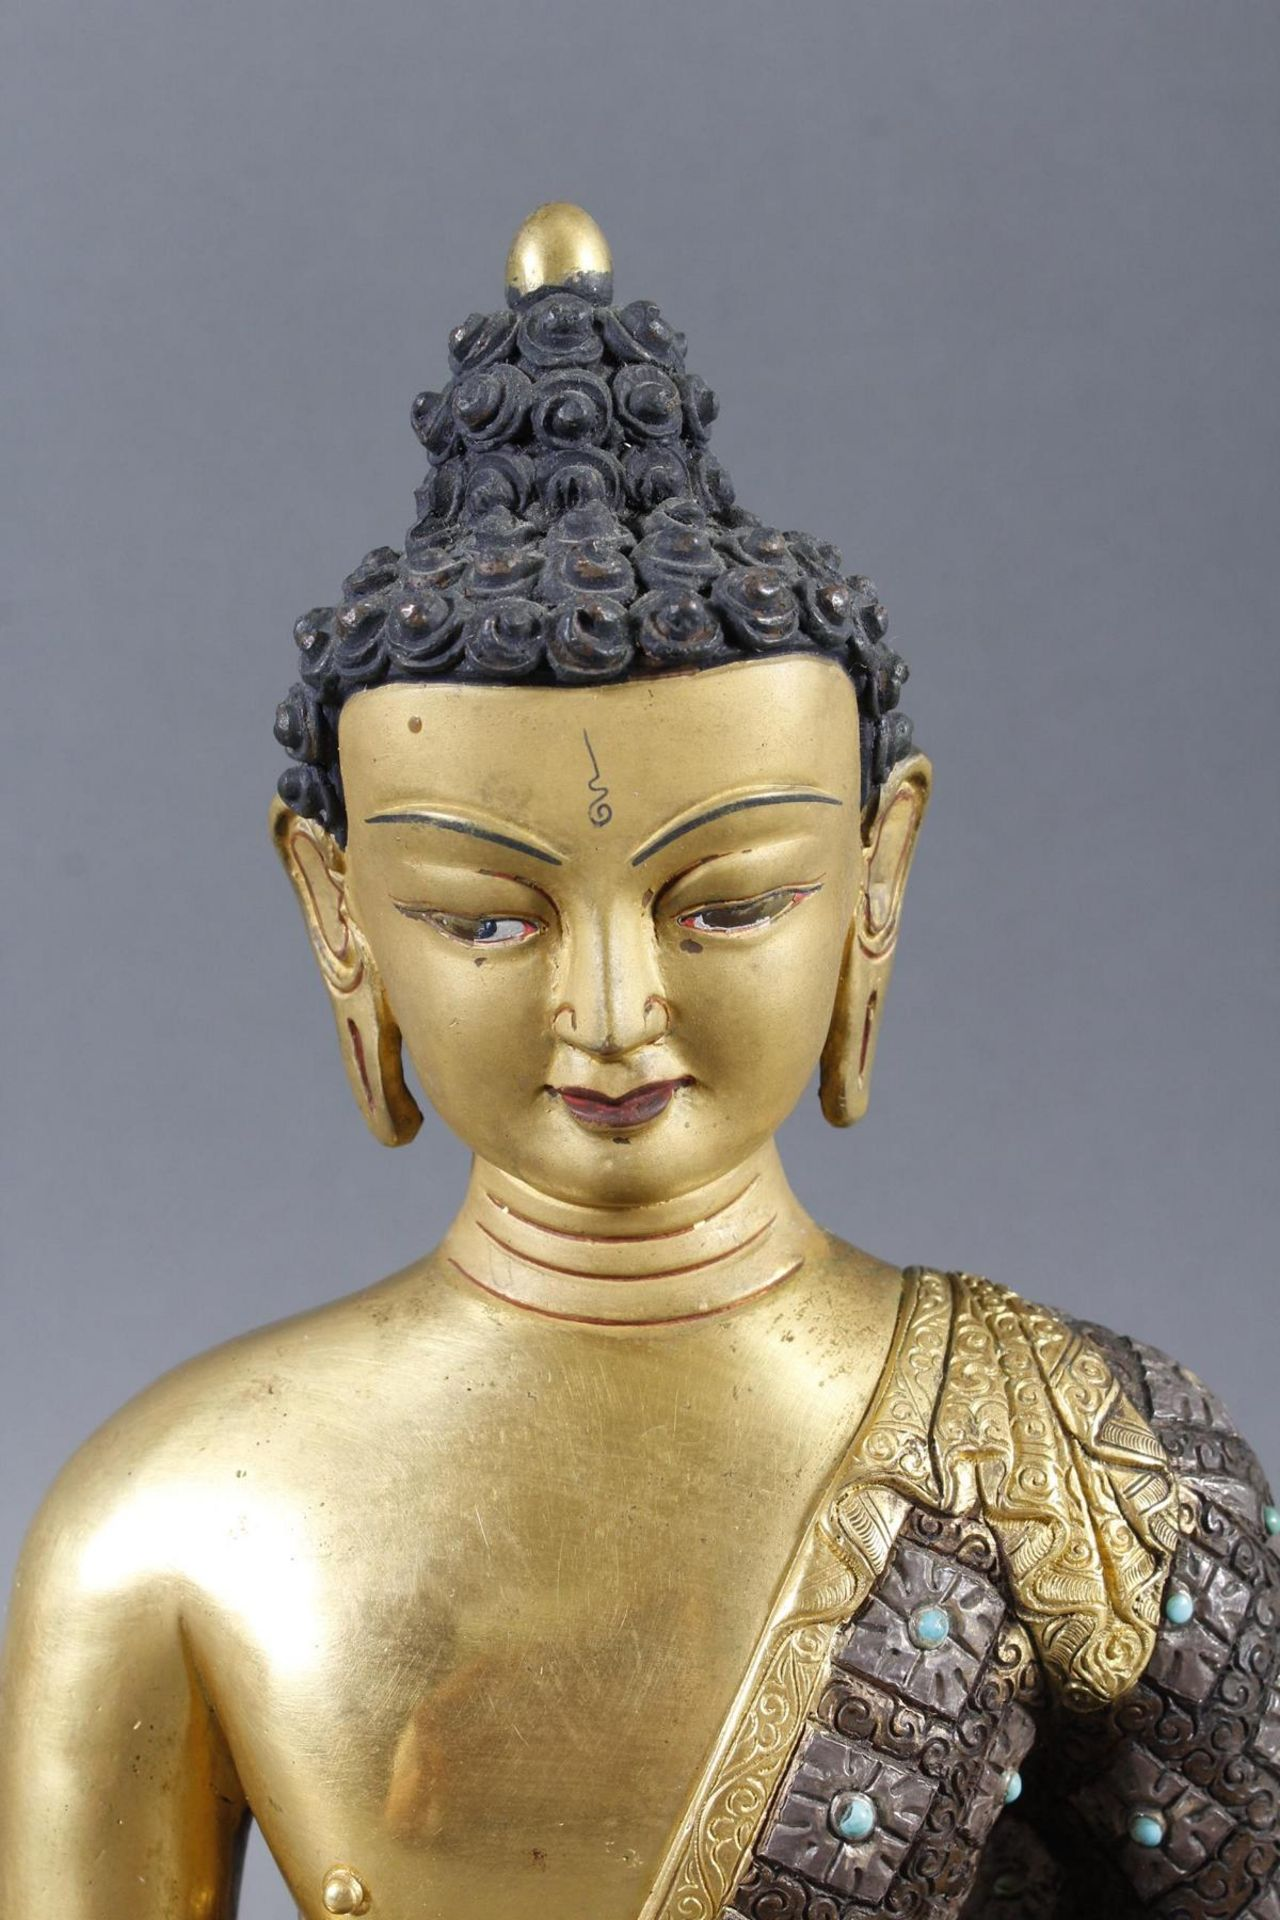 Bronze des Buddha Shakyamuni in der Erdberührungsgeste auf Lotospodest - Bild 6 aus 10